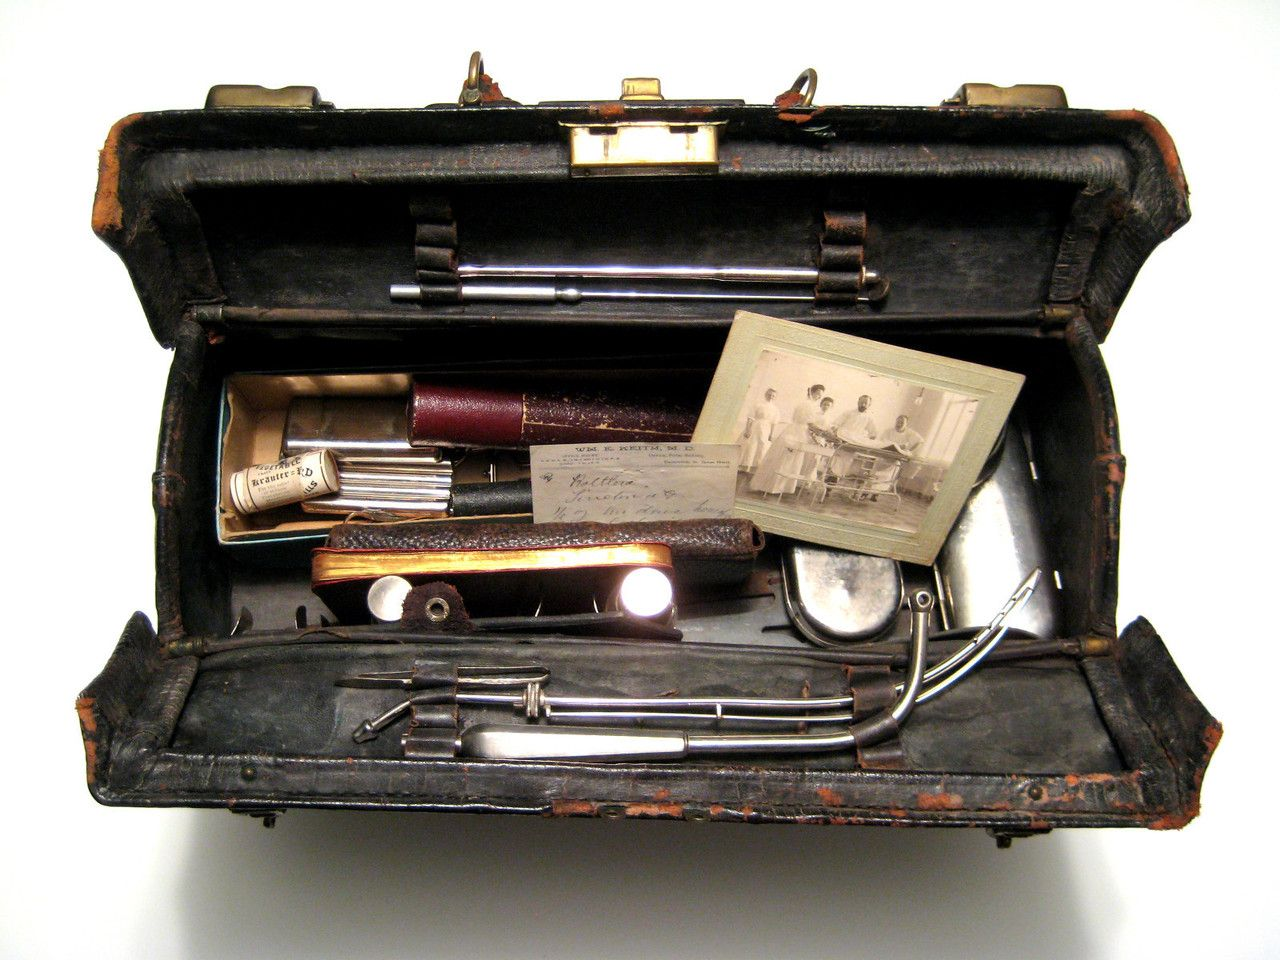 Image of Open Medical Bag